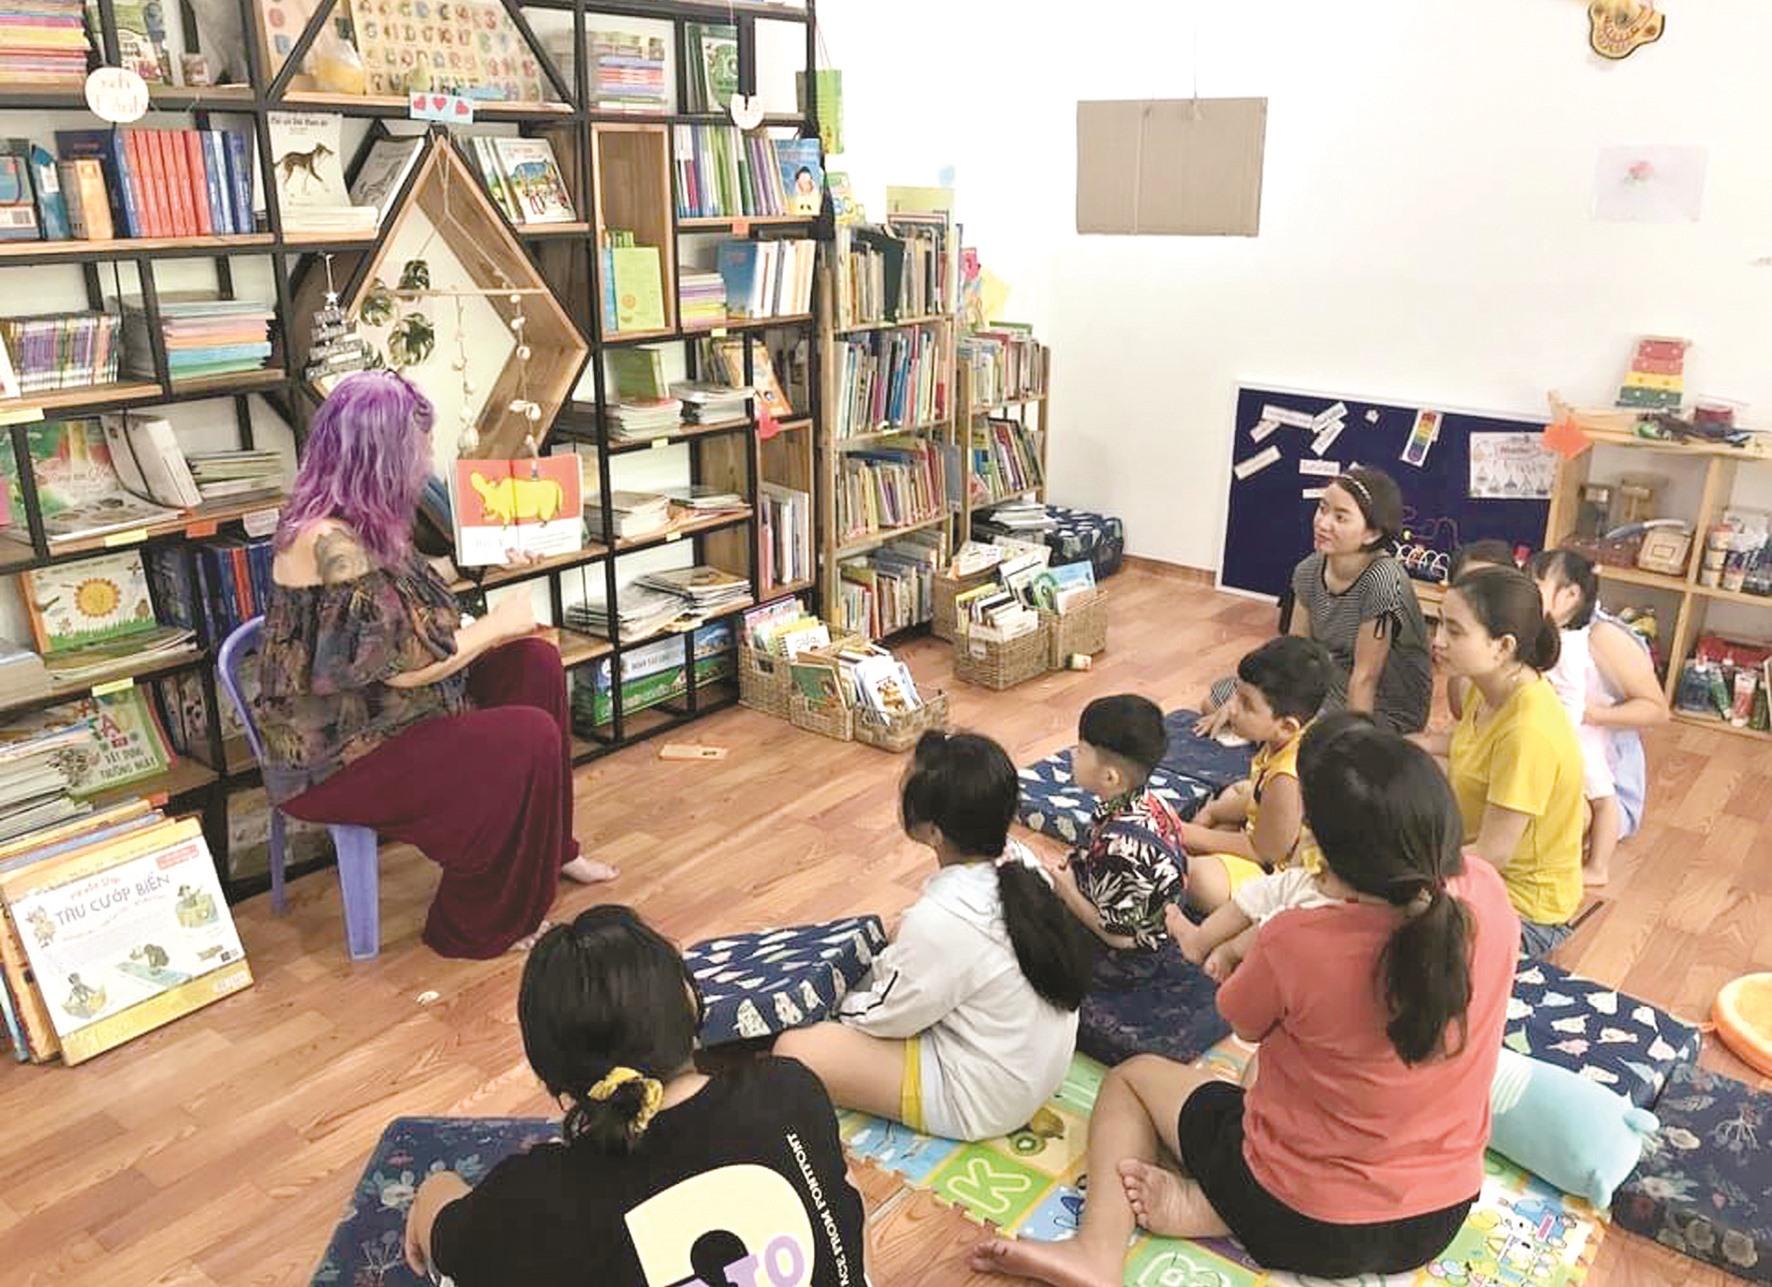 Một giờ đọc sách cùng tình nguyện viên nước ngoài tại An's book Garden. Ảnh: NVCC